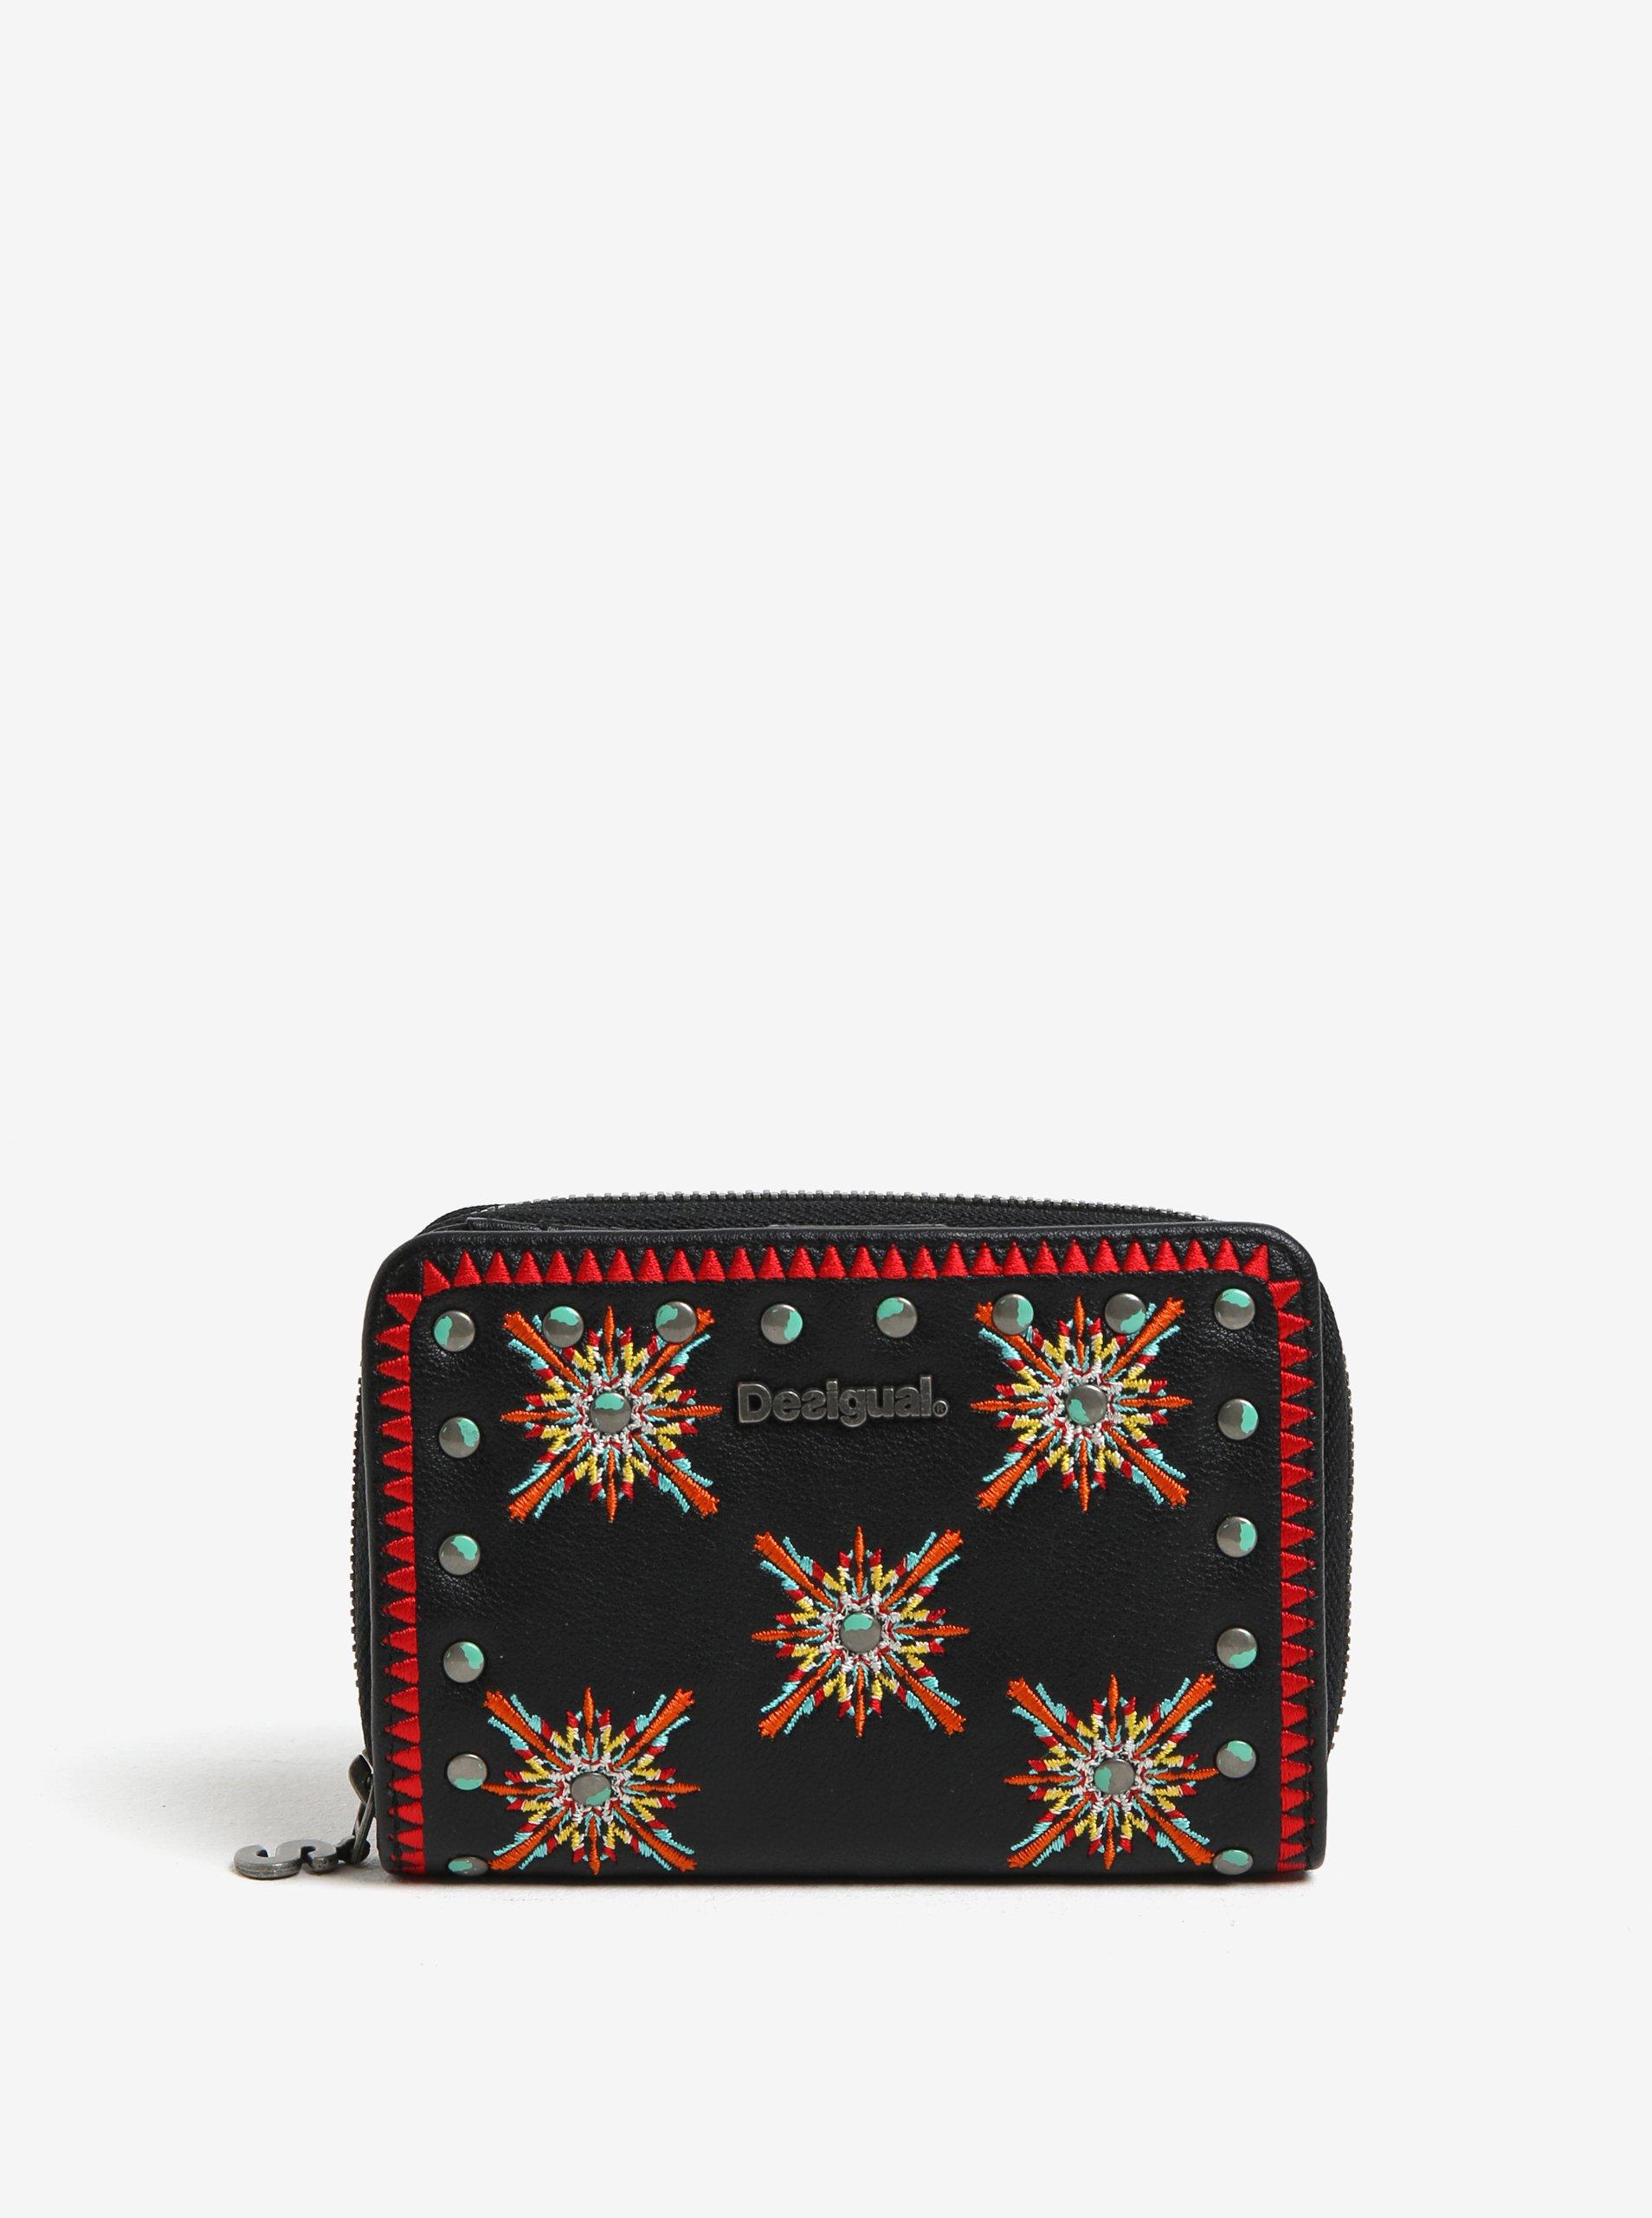 Čierna peňaženka s farebnými vyšitými ornamentami Desigual Sandy 44b2aac40b0